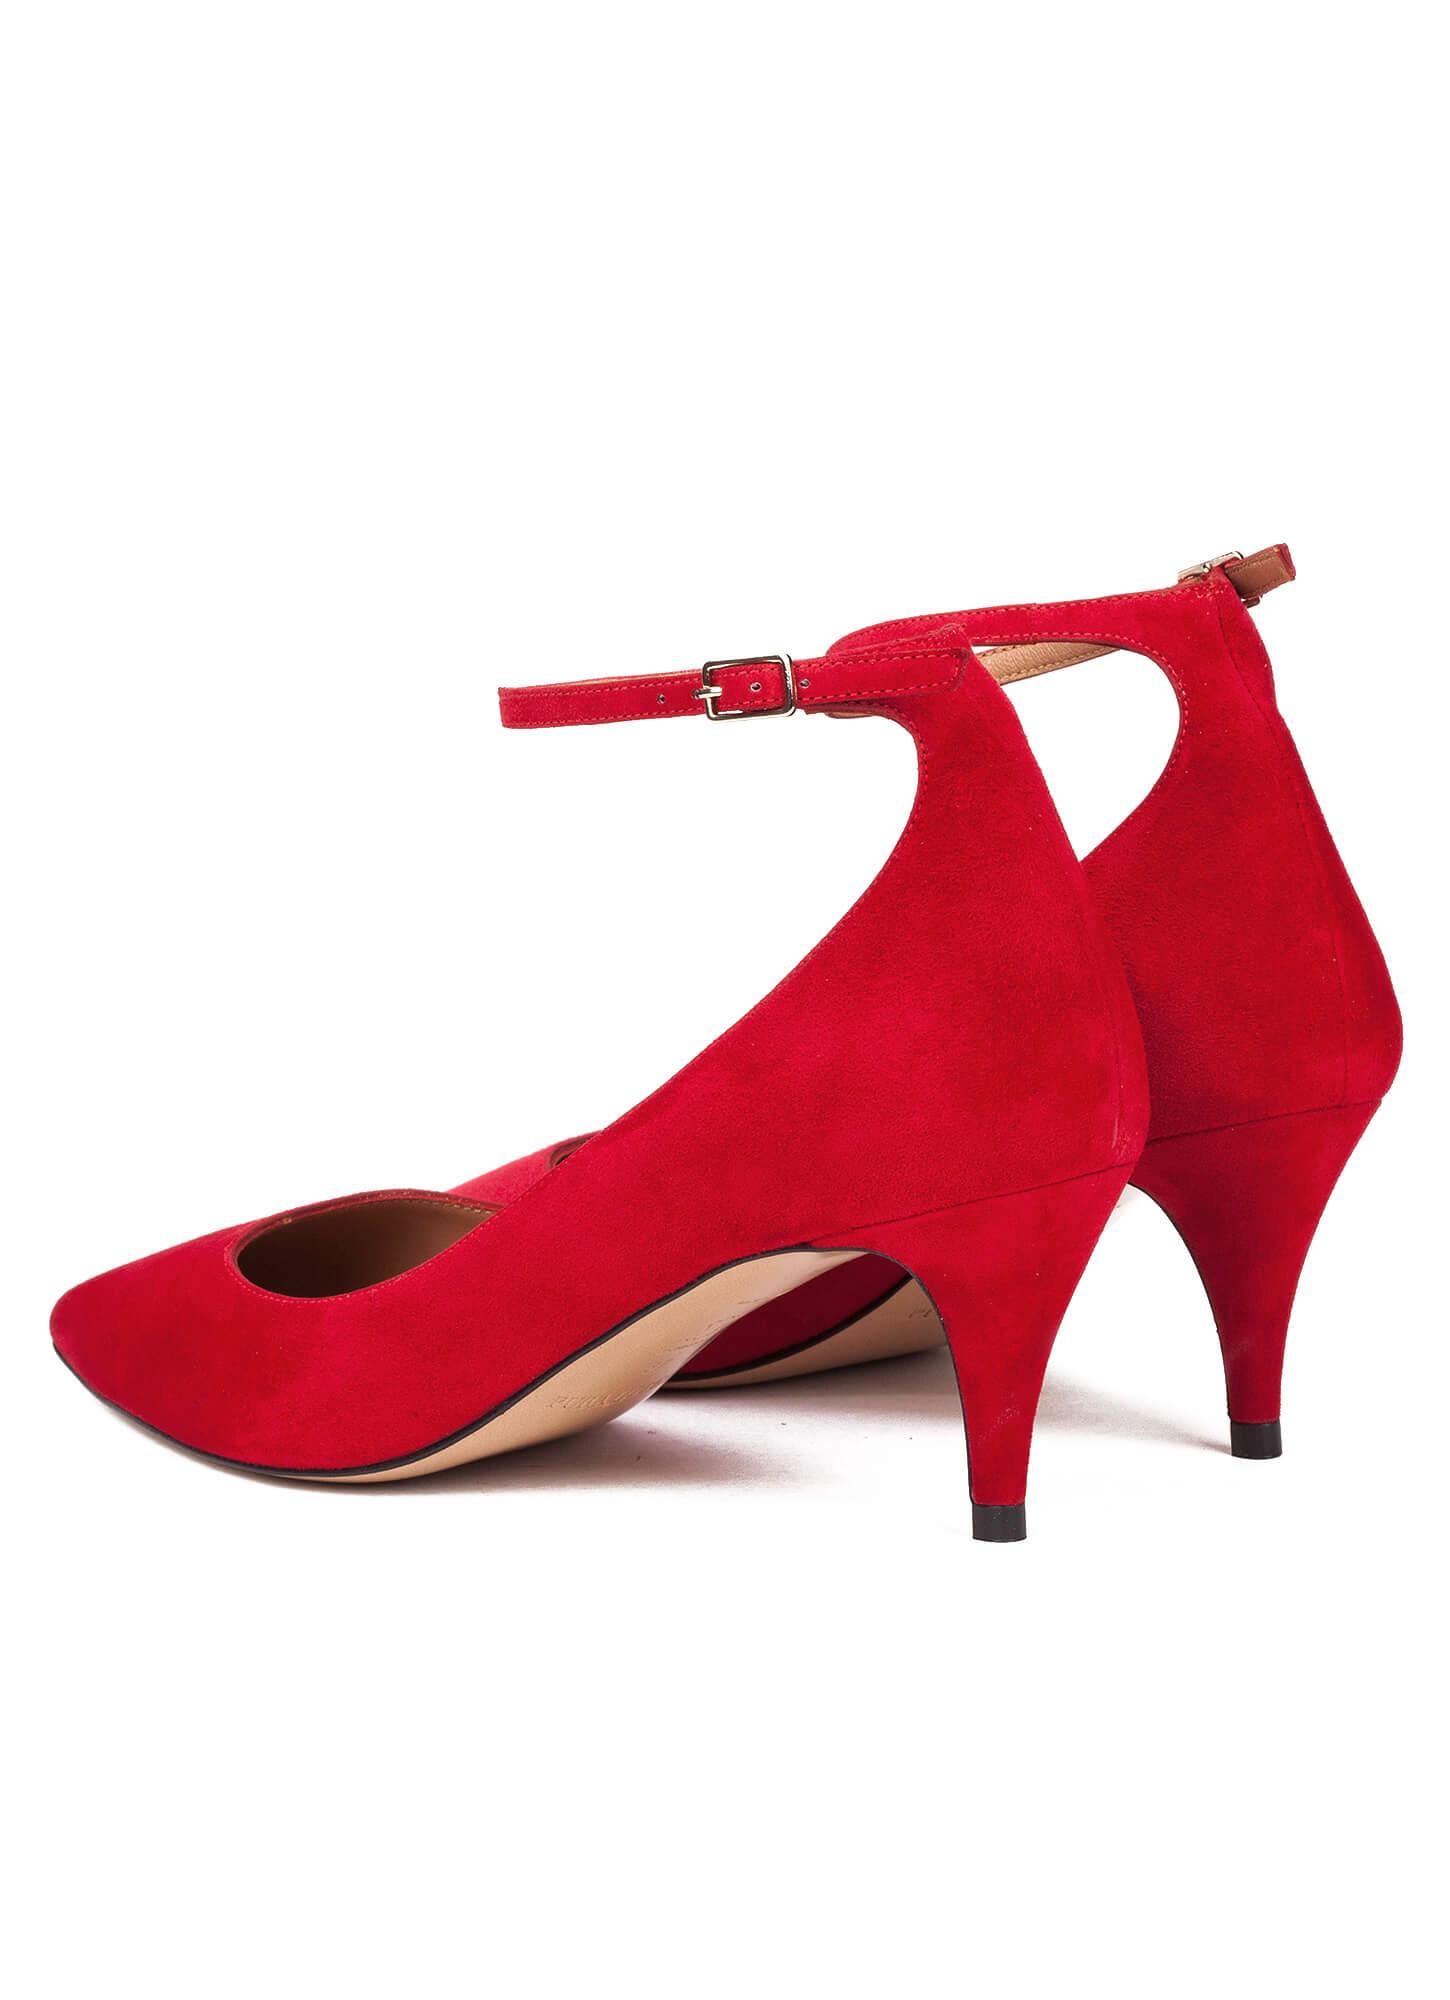 9974fea73785 ... suede Red ankle strap mid heel pumps - online shoe store Pura Lopez  Linda Pura López